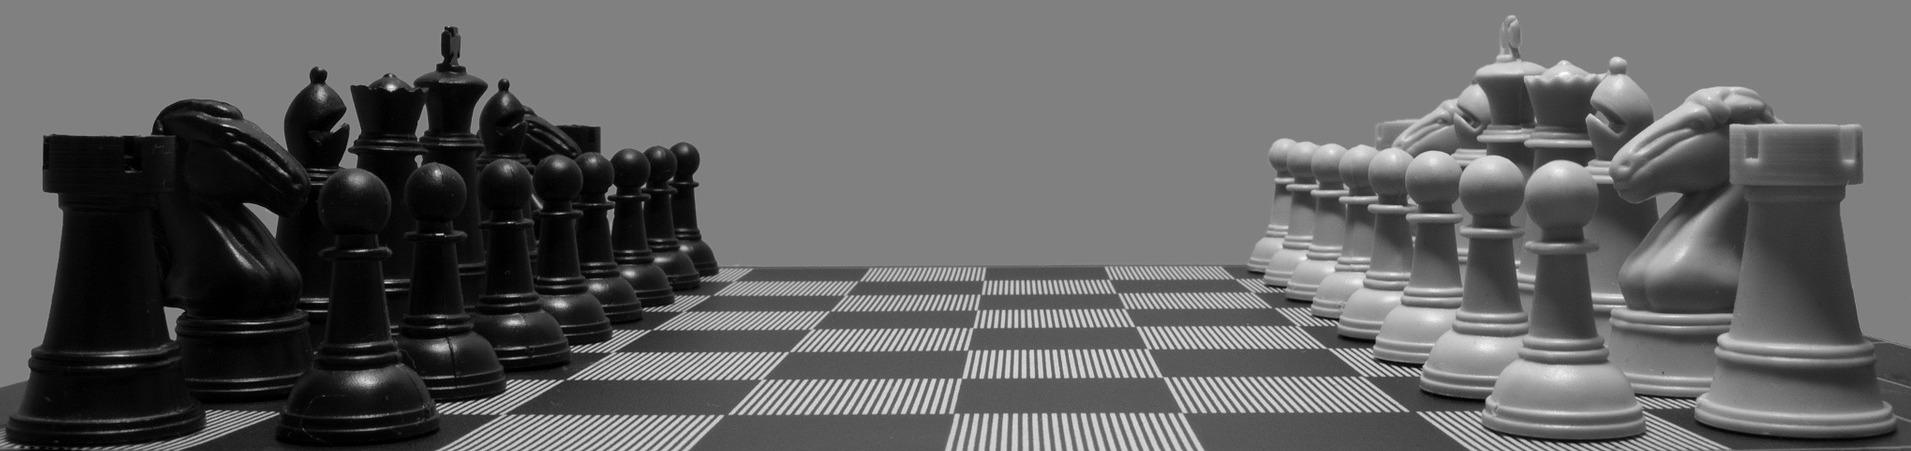 Chess 982260 1921